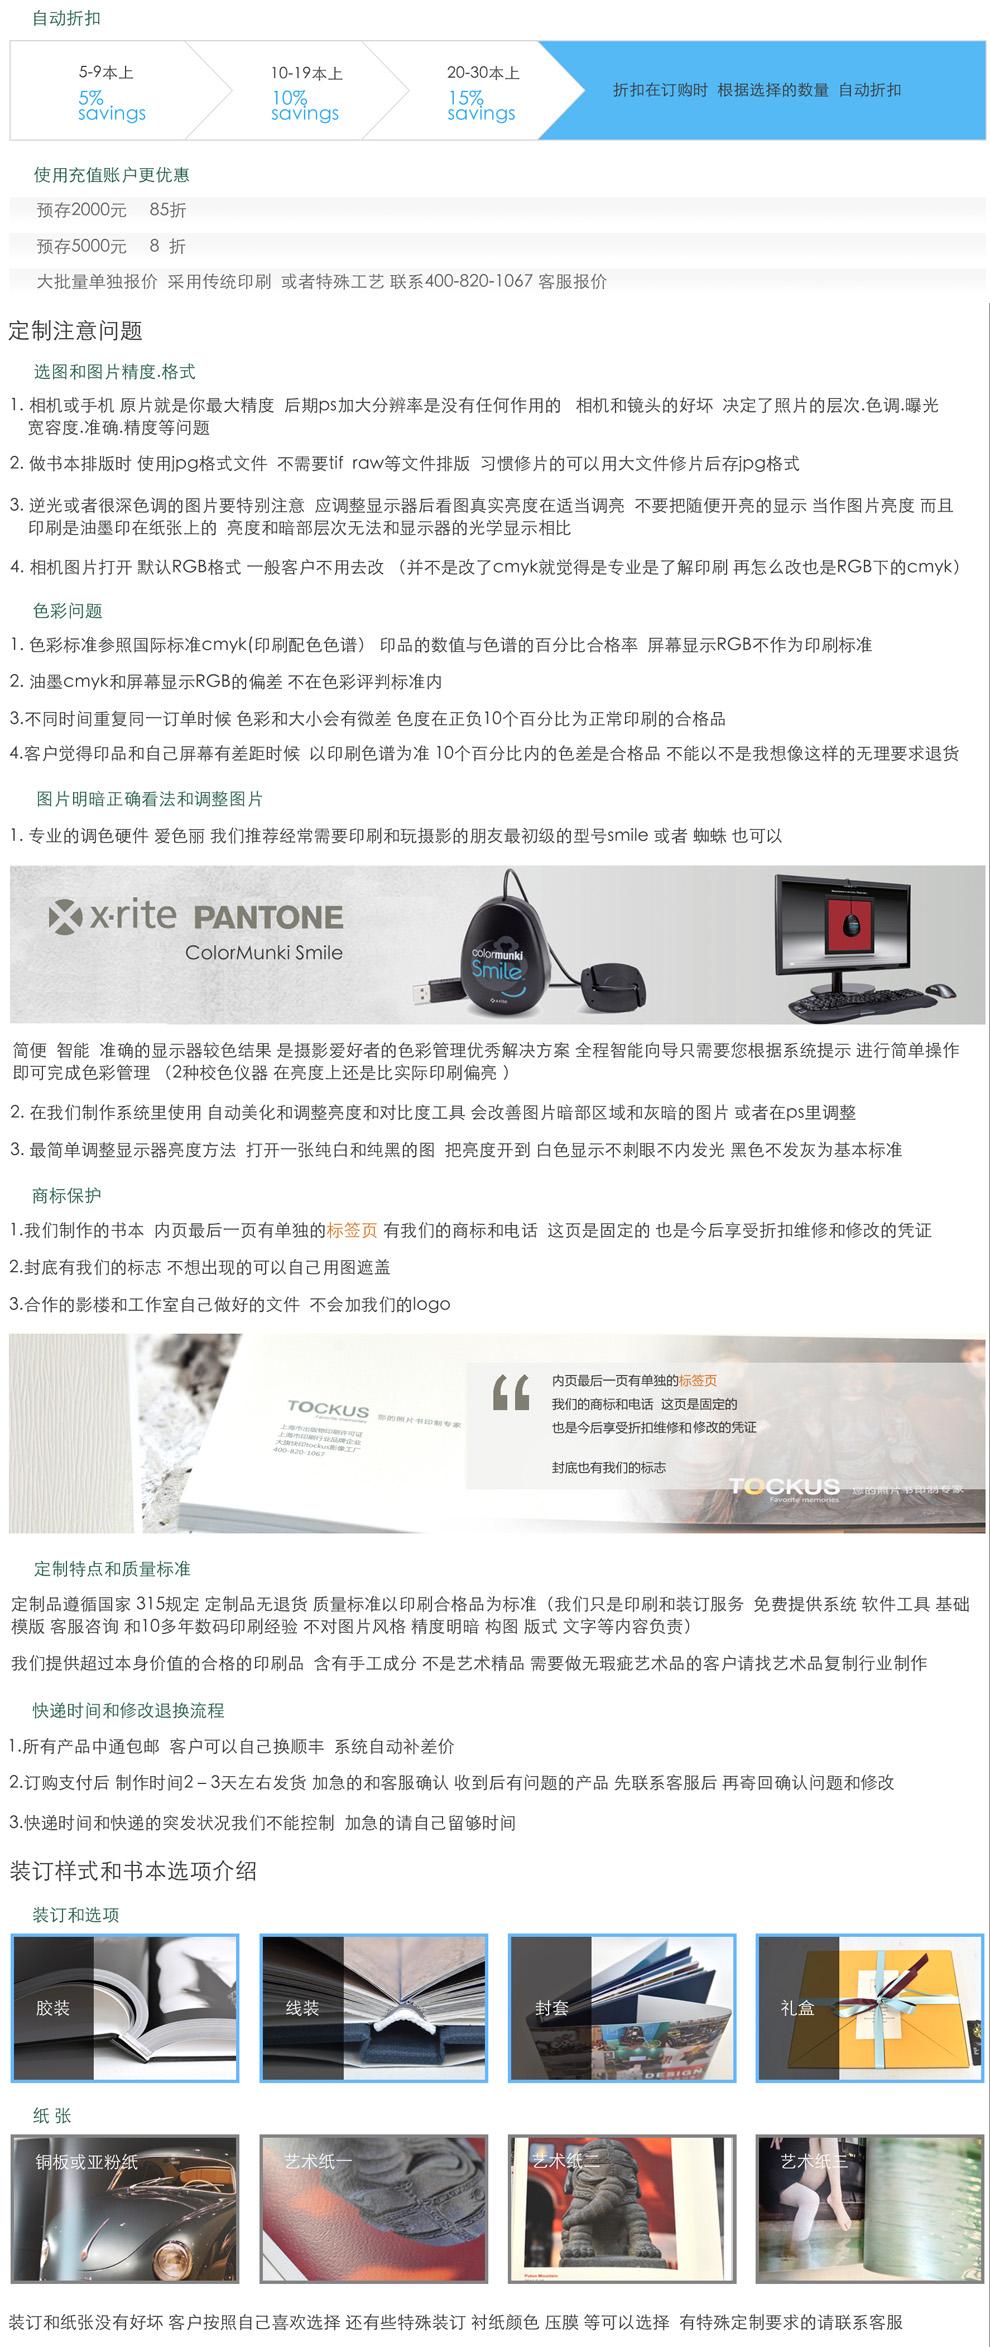 TOCKUS定制2016耳廓日历桌面黄历小台历D不锈钢台历图片